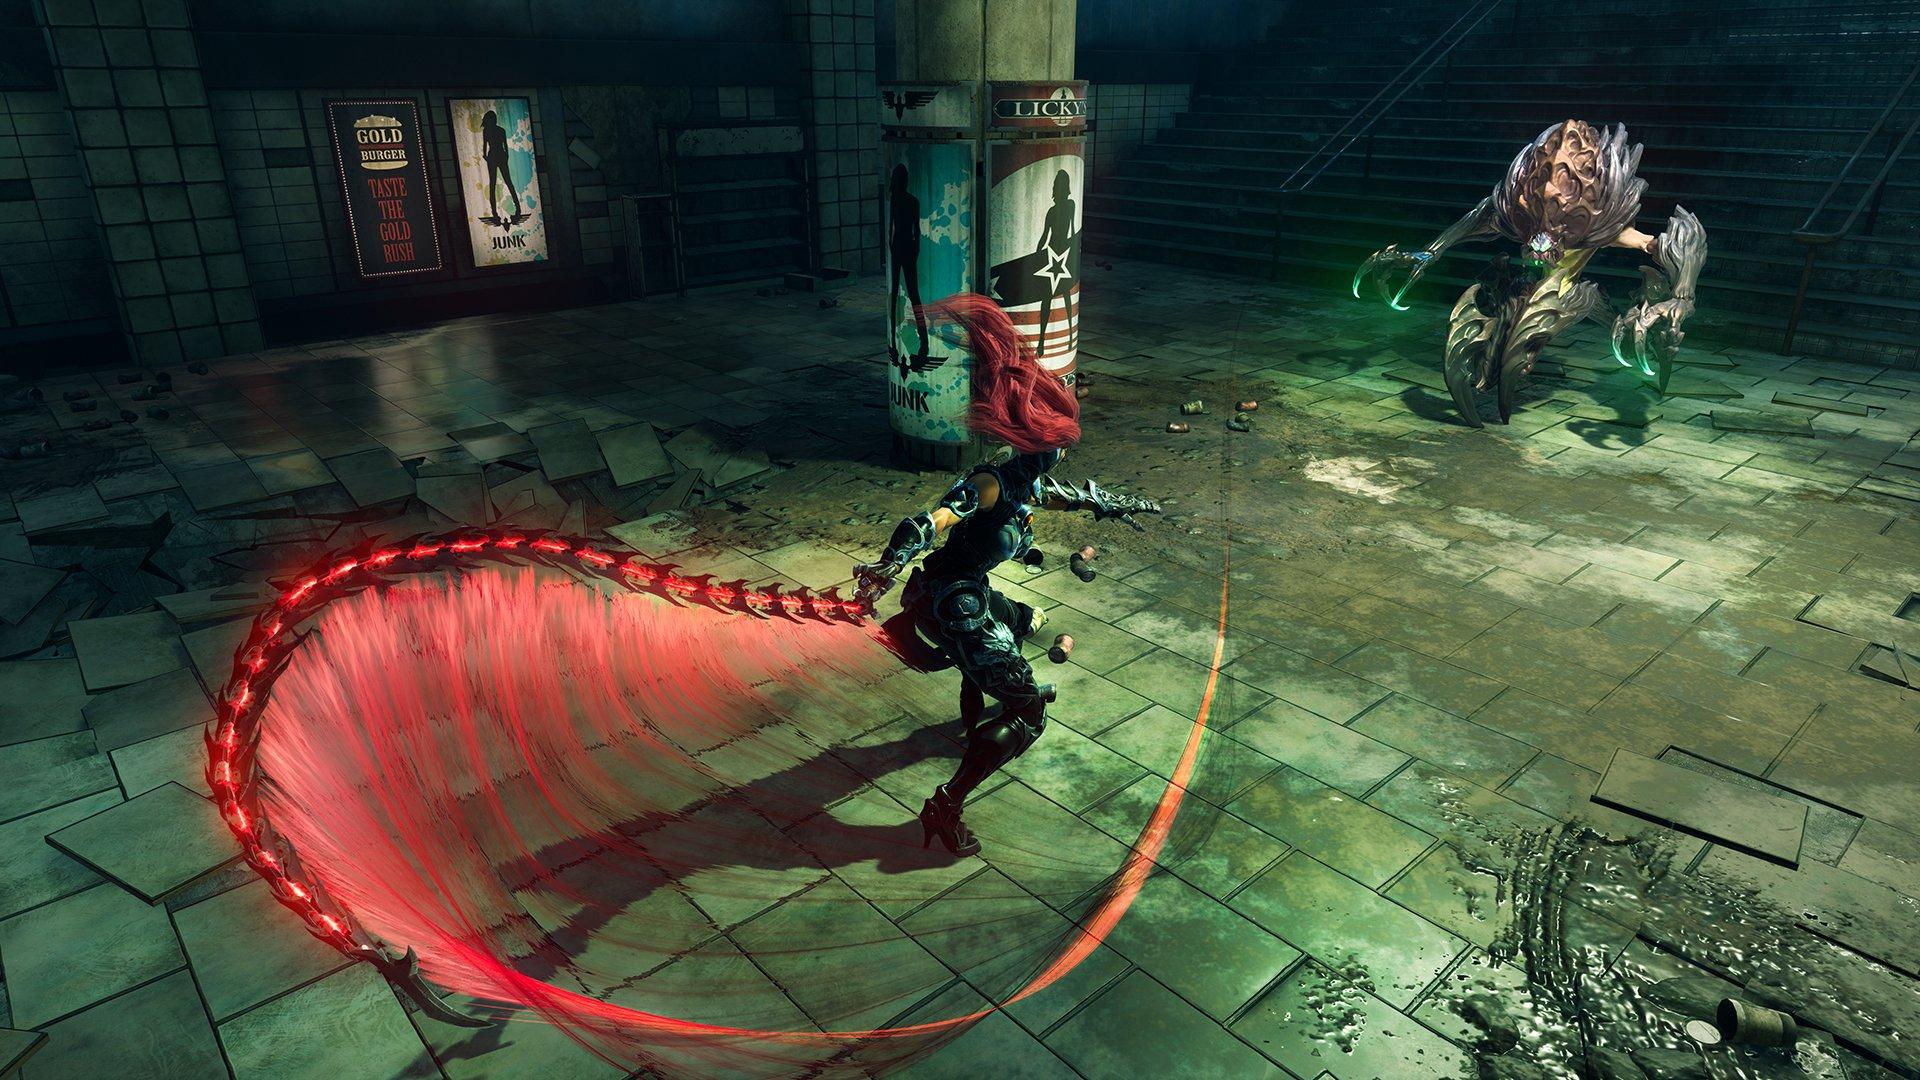 《暗黑血统3》今日更新 二周目模式上线